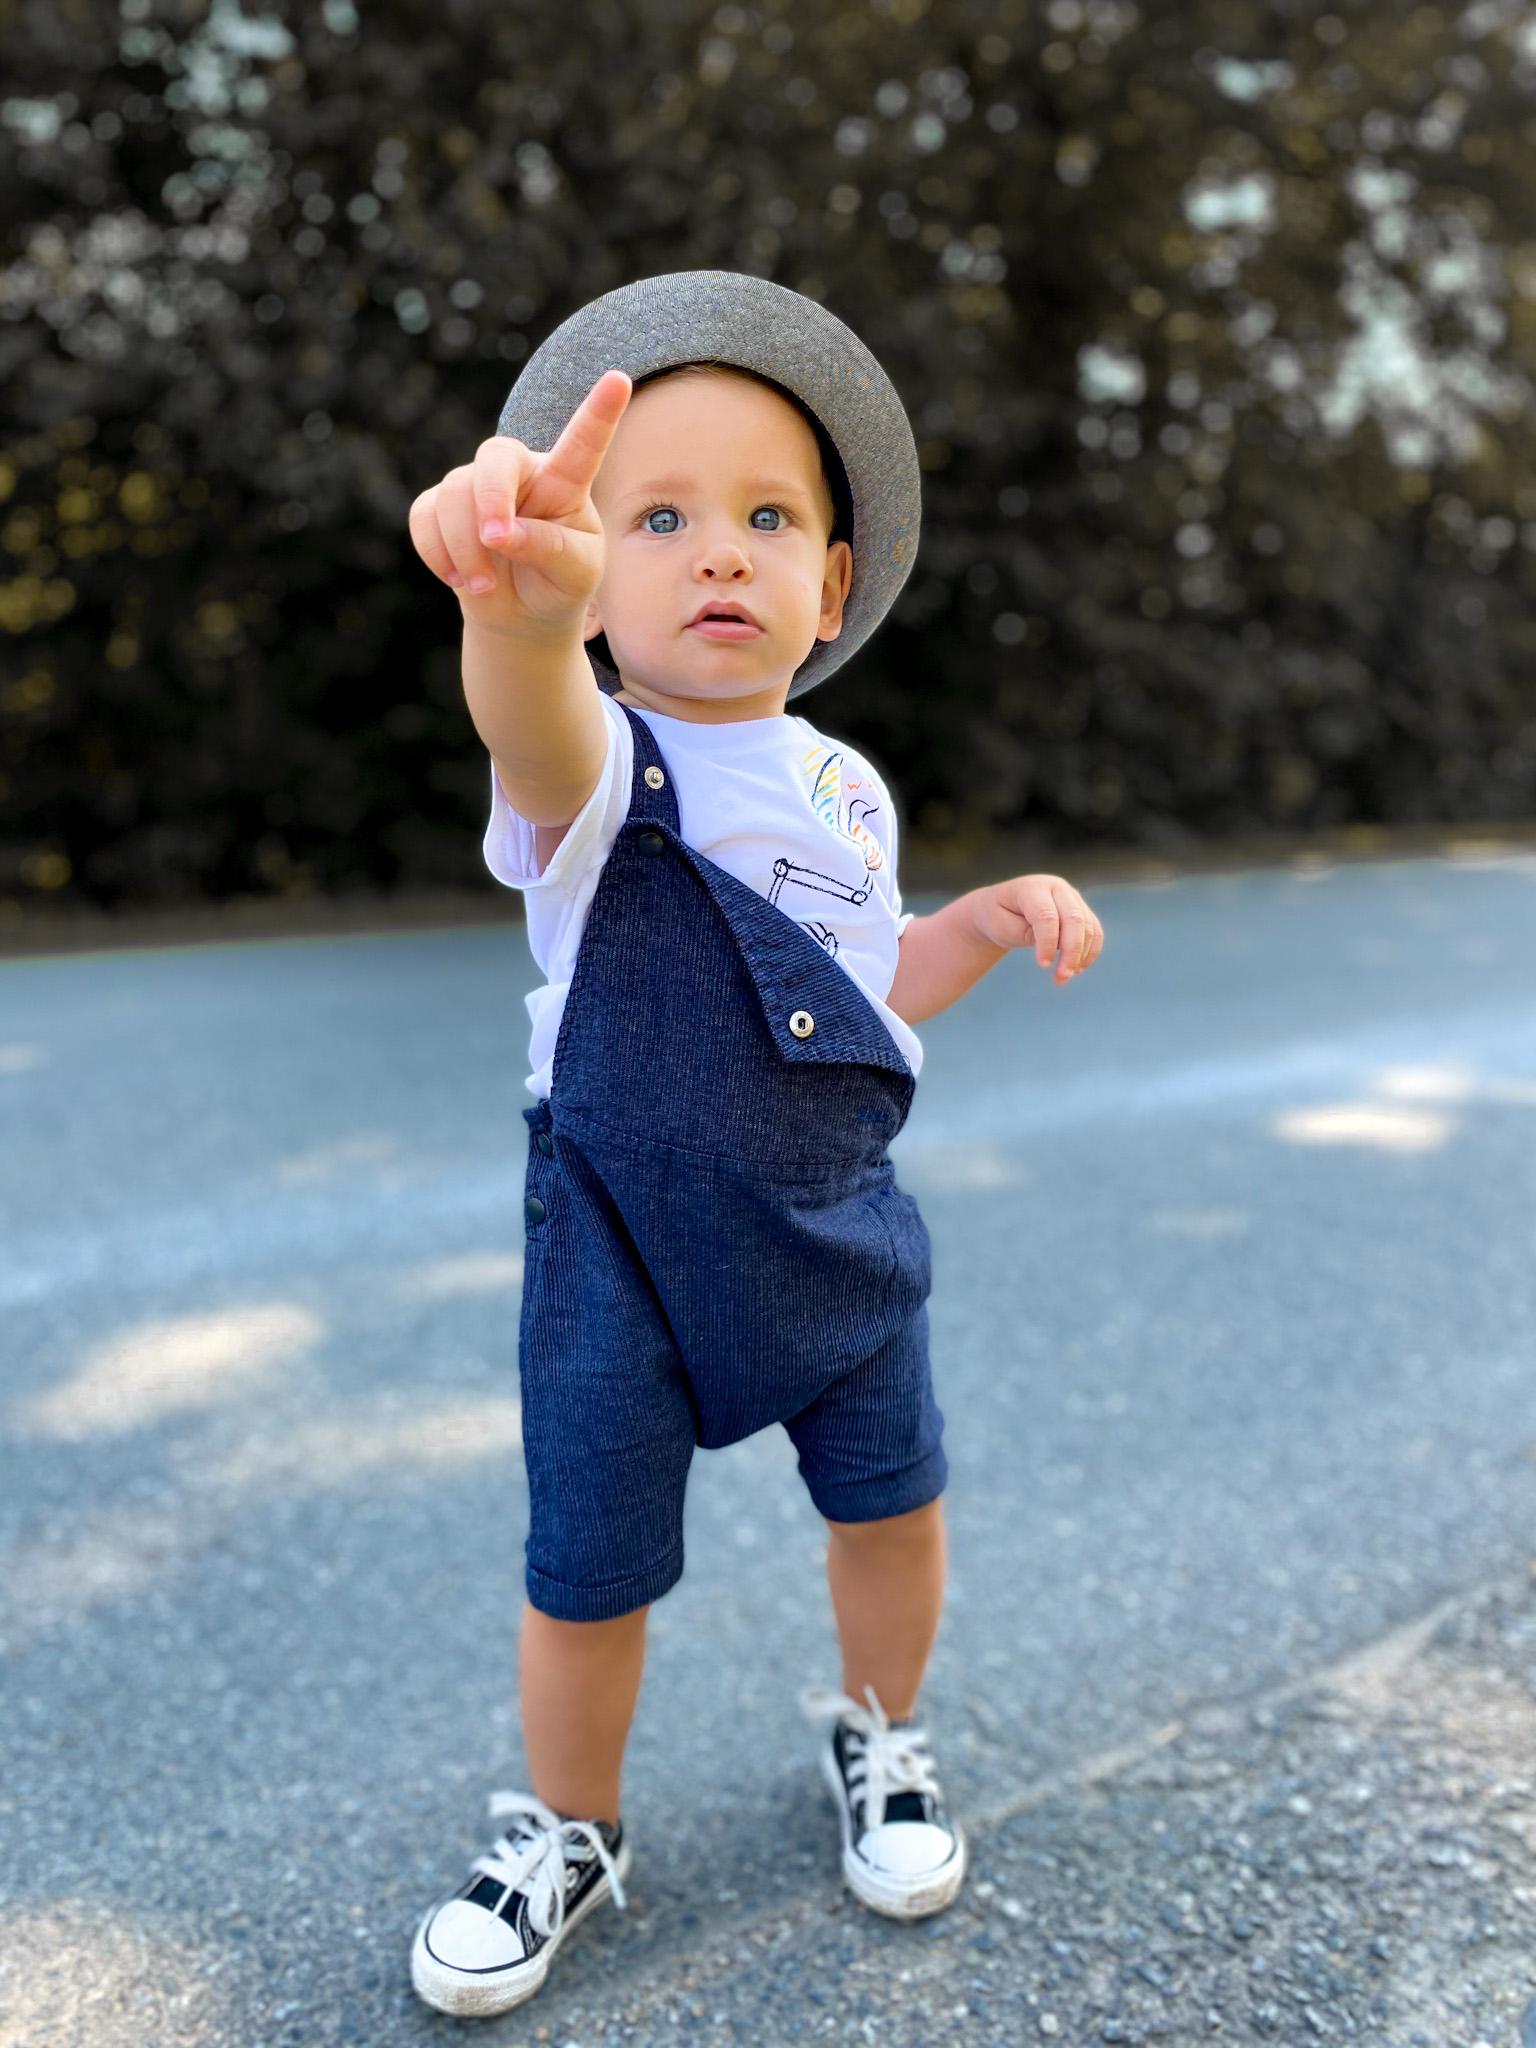 Mały chłopiec w niebieskich ogrodniczkach i kapeluszu na głowie.